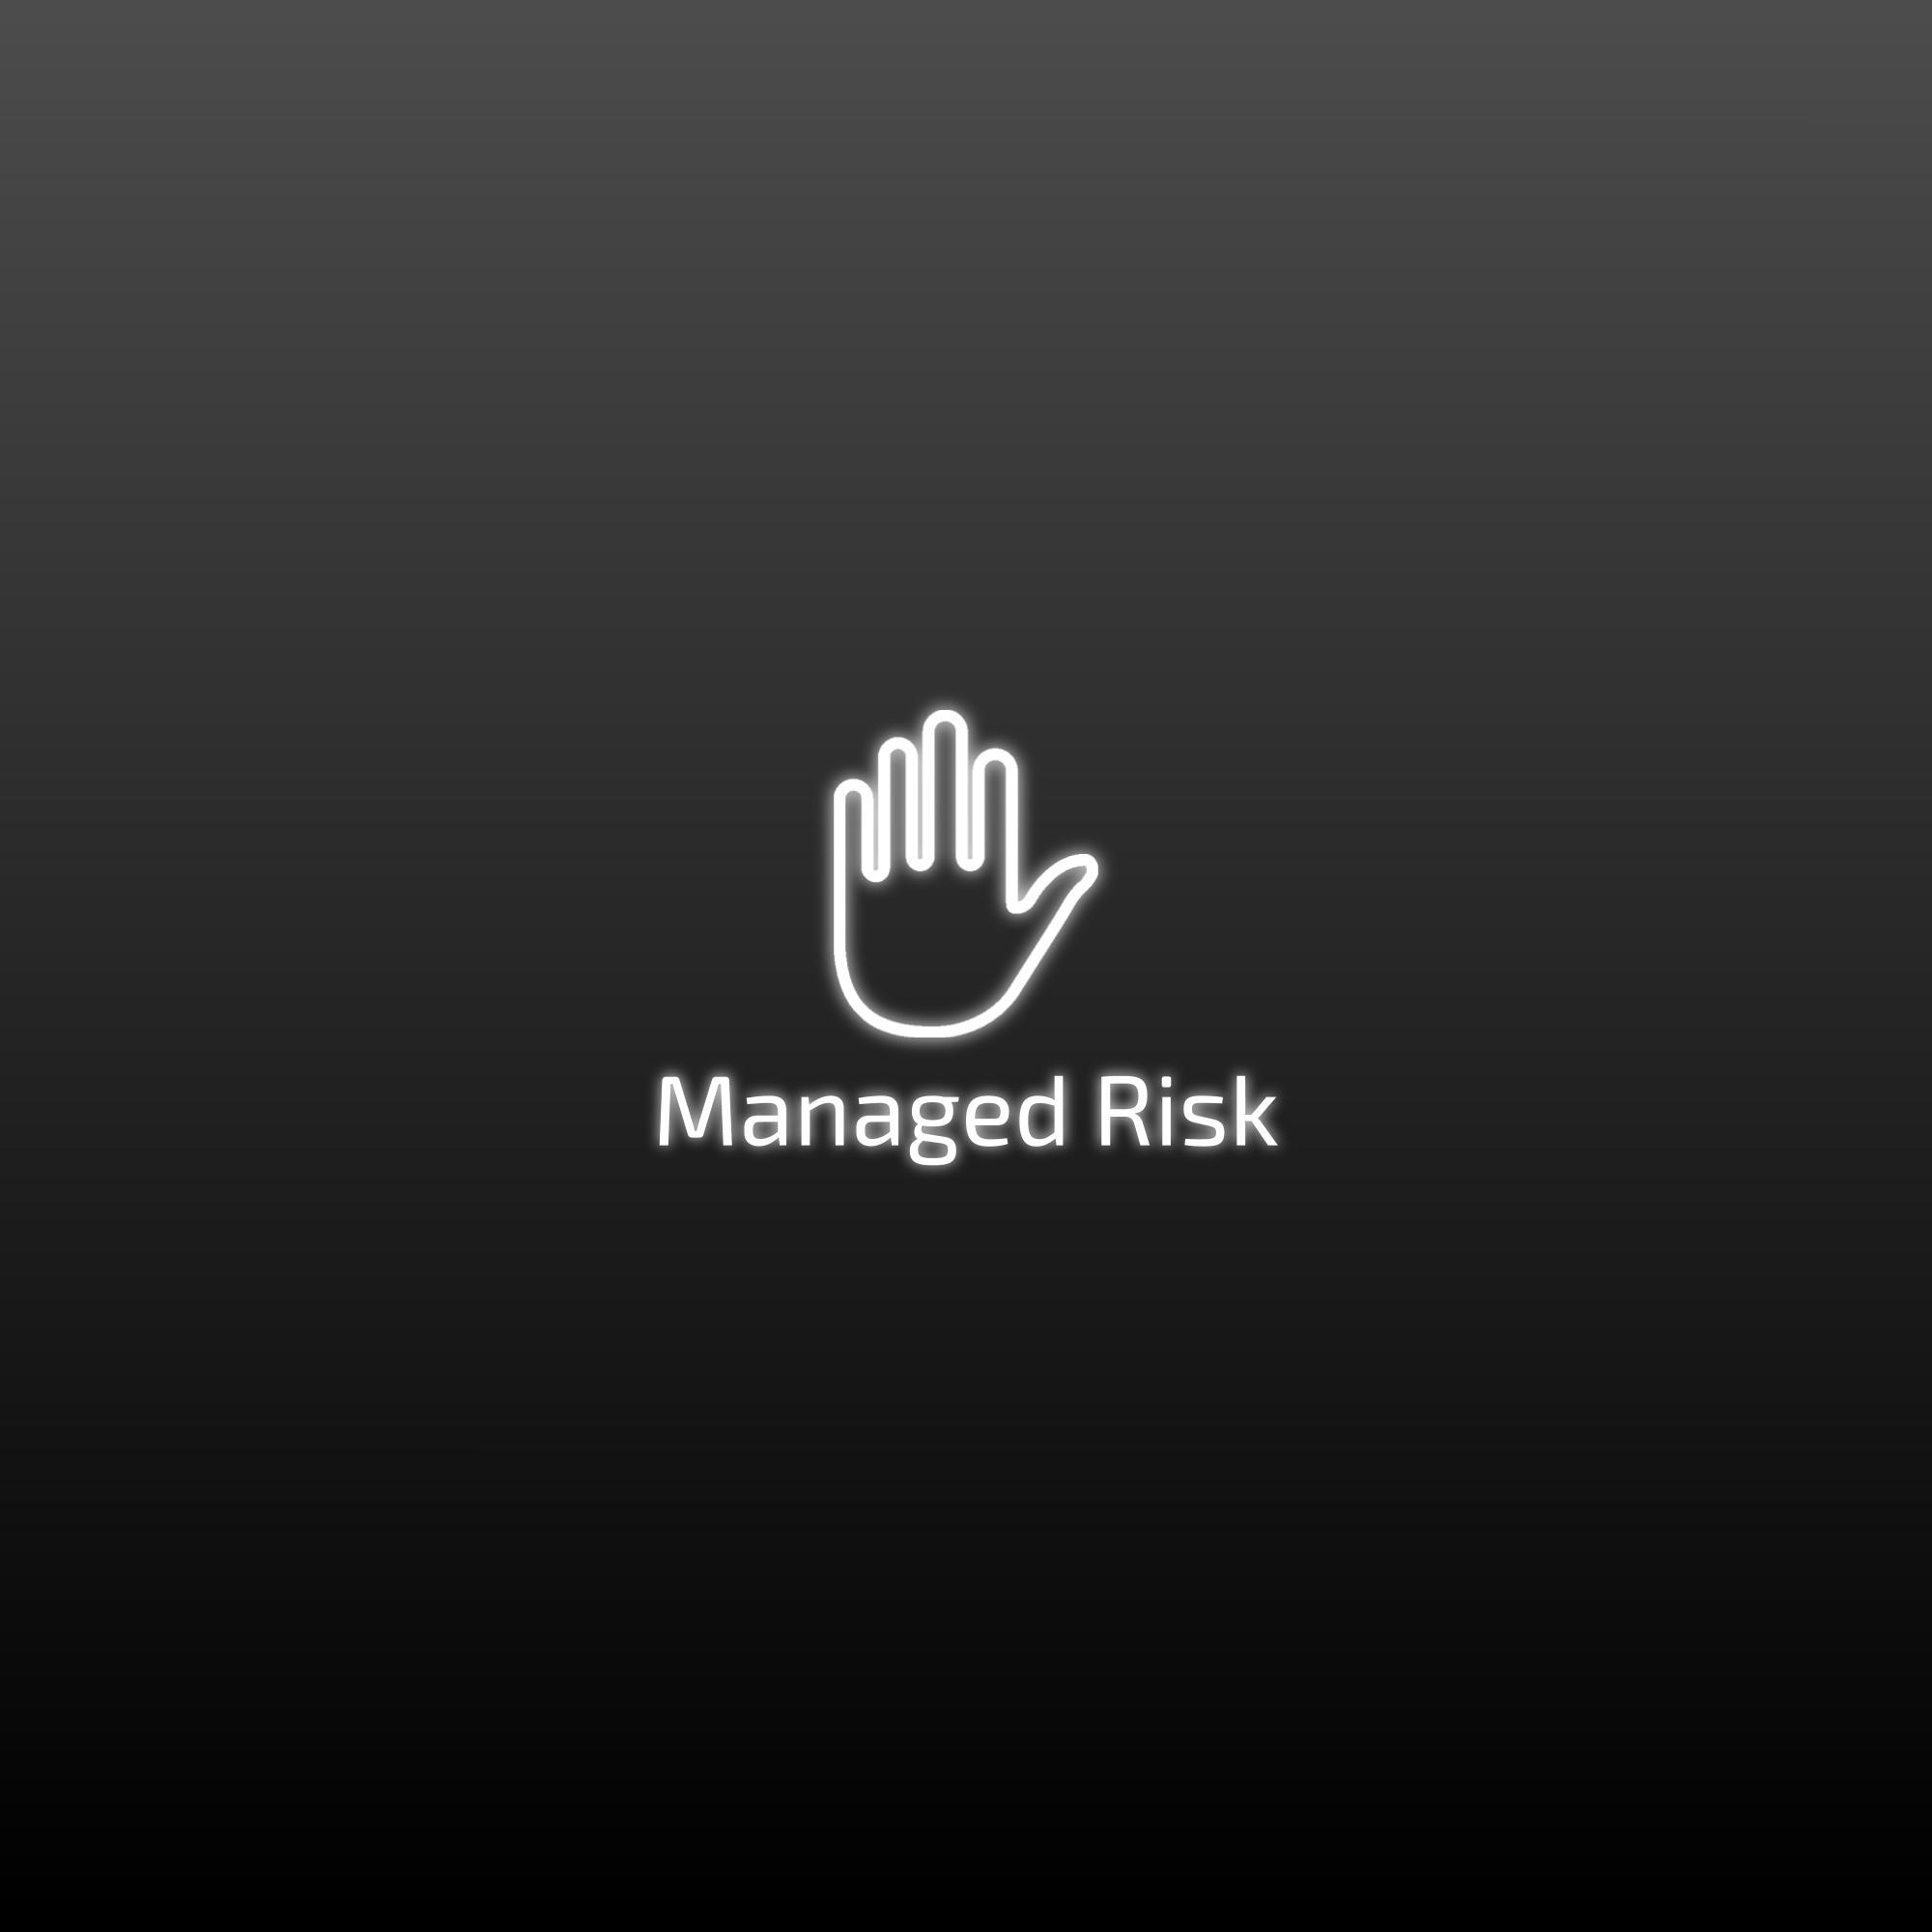 Managed Risk